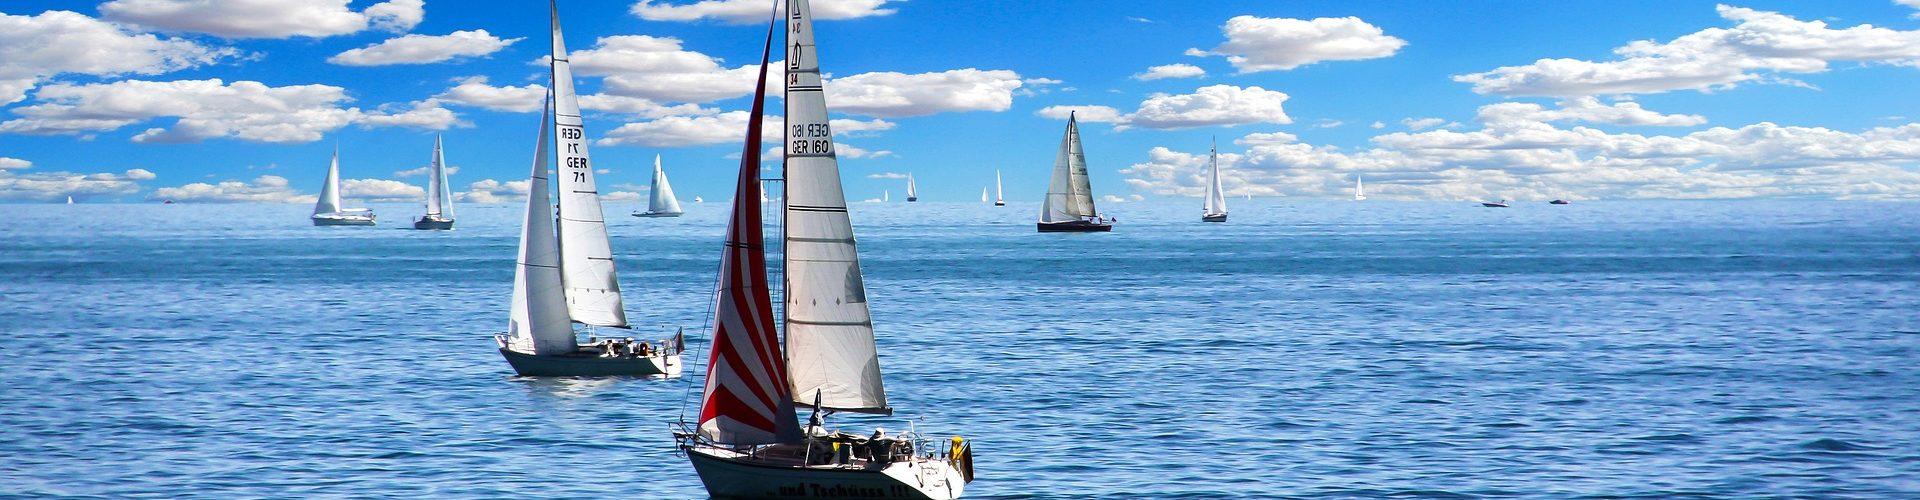 segeln lernen in Monschau segelschein machen in Monschau 1920x500 - Segeln lernen in Monschau